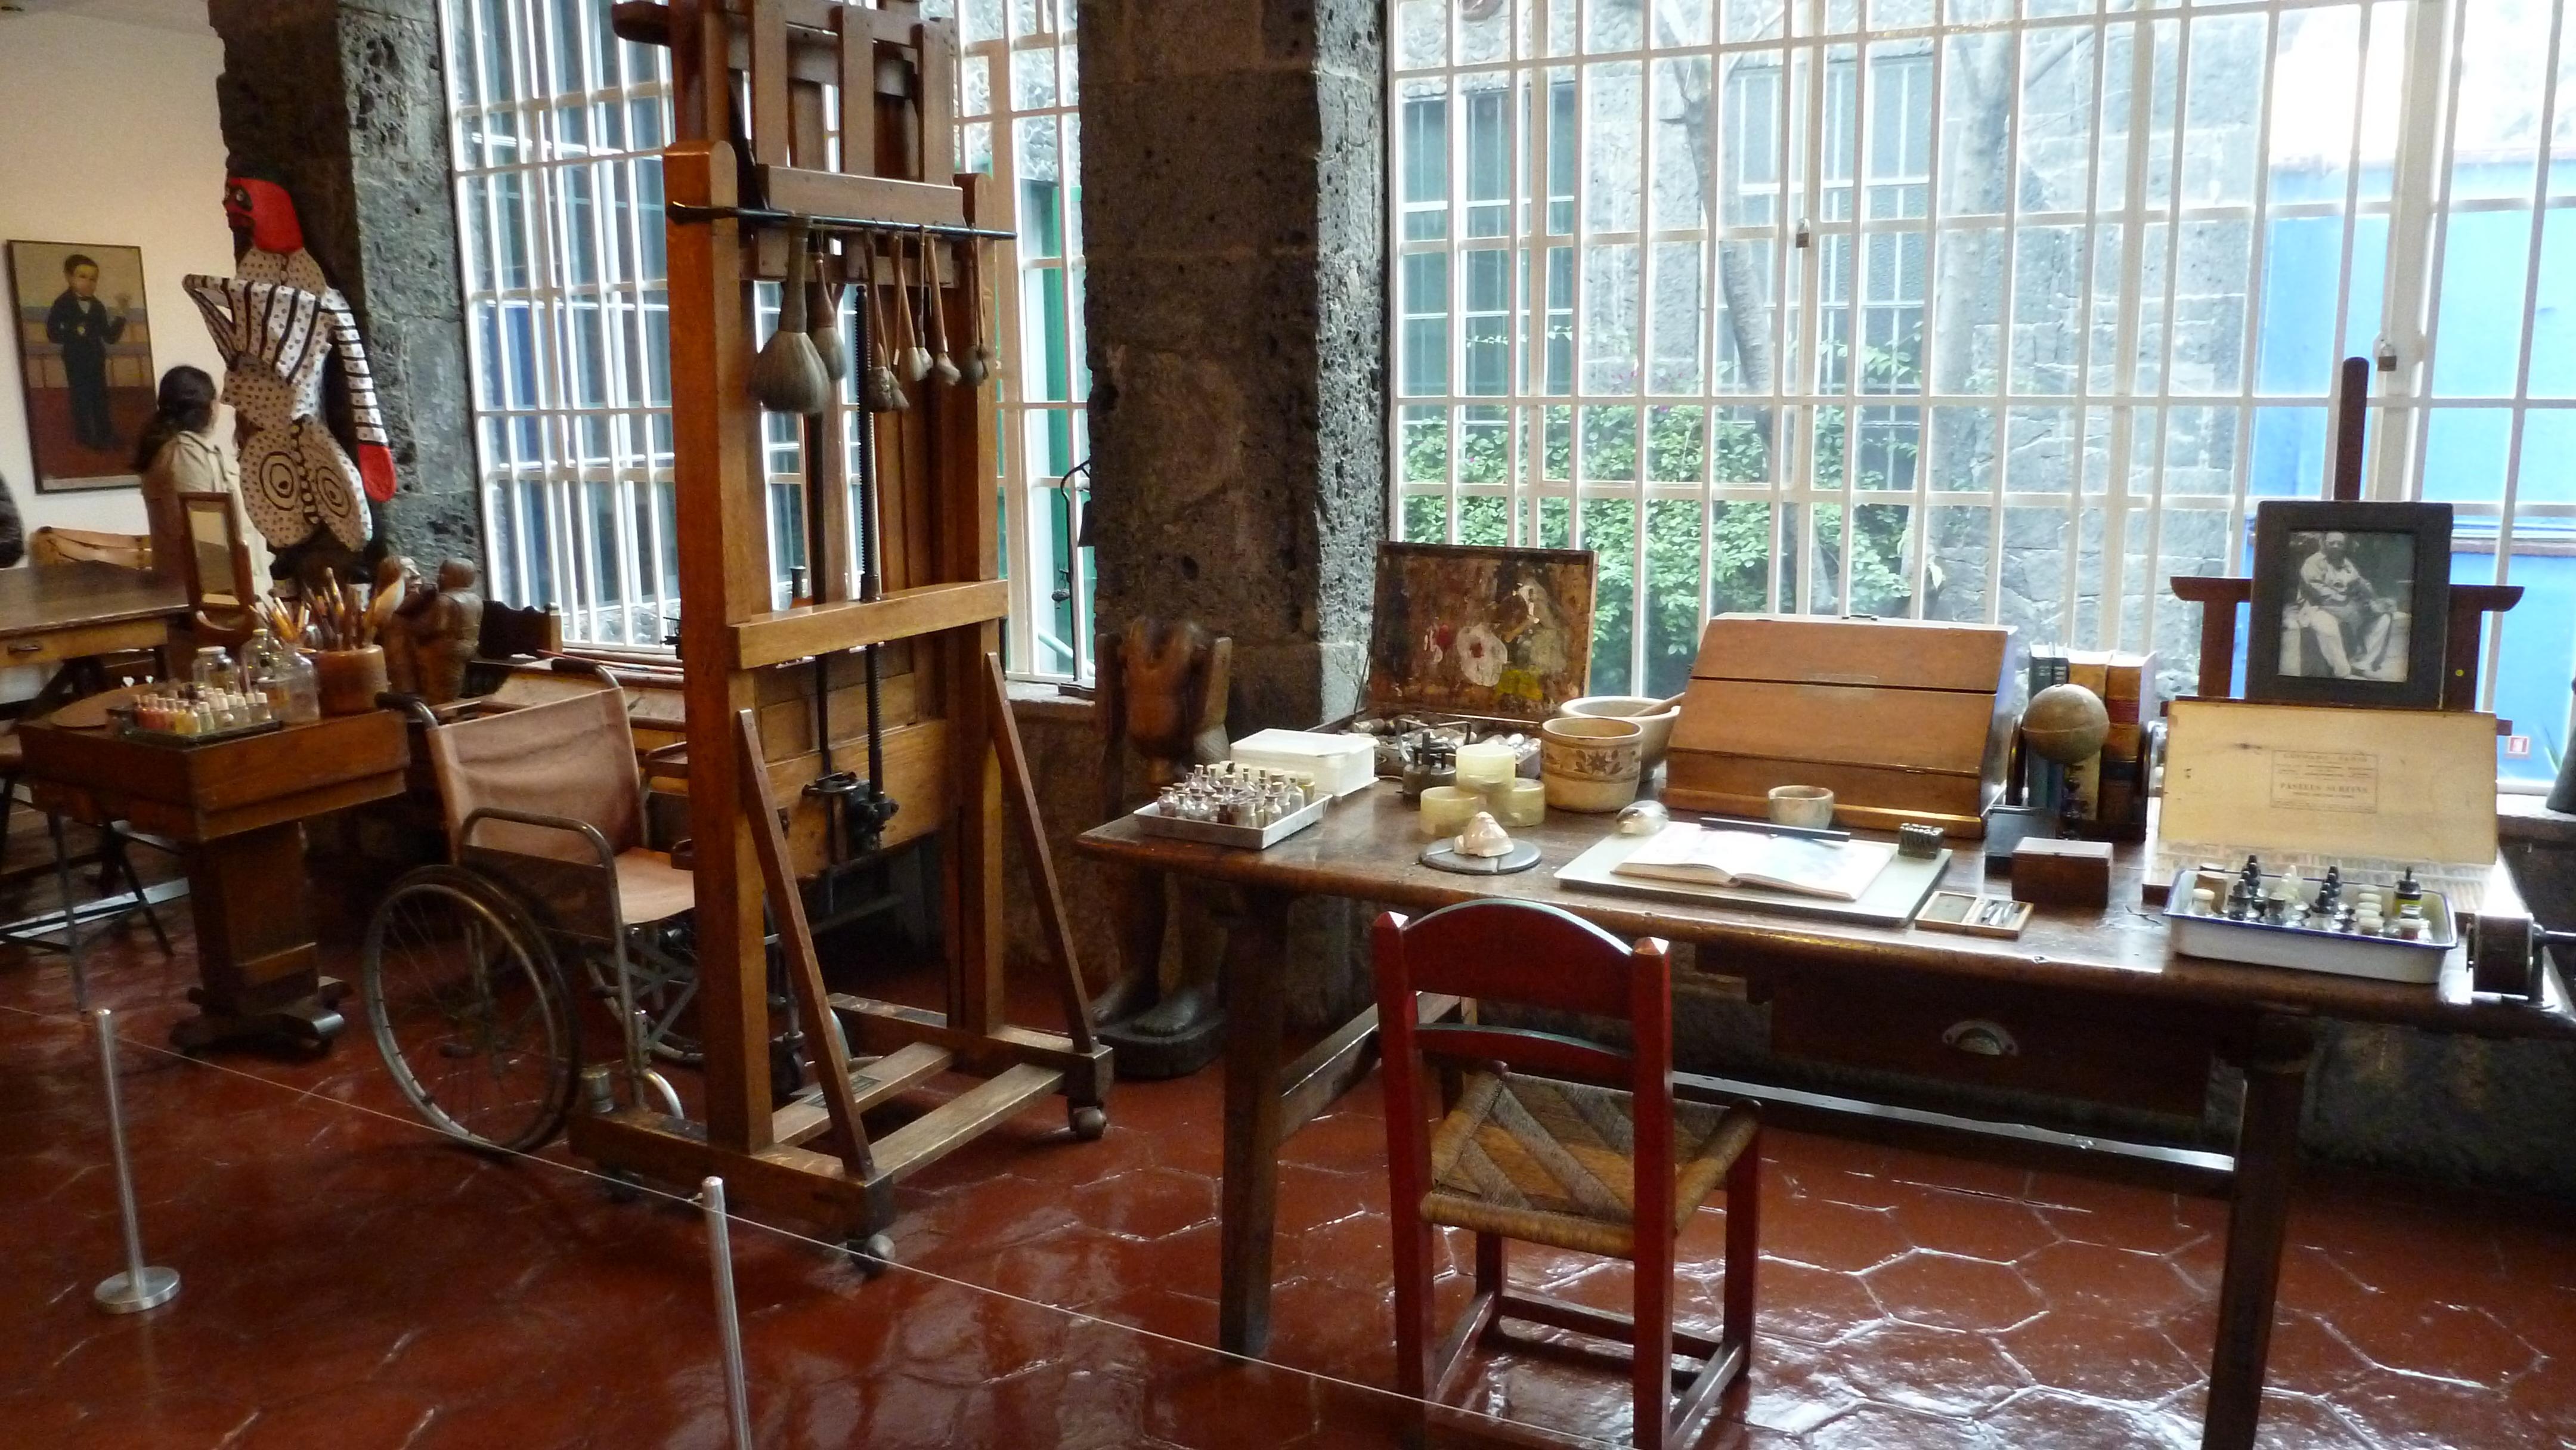 Los estudios o cuartos propios creativos de los artistas for Cuartos decorados de frida kahlo